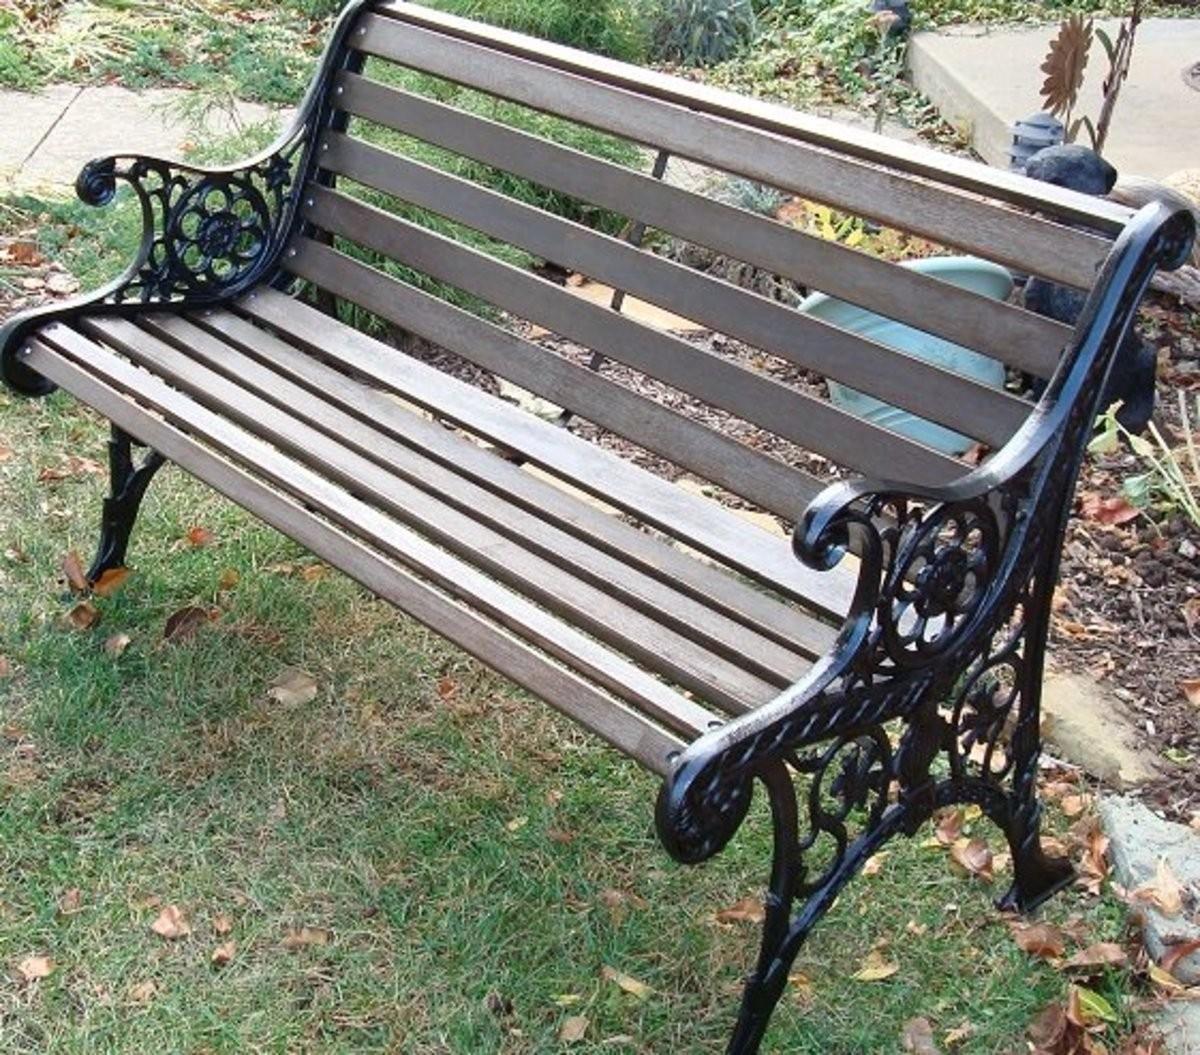 Charming Antique Garden Benches